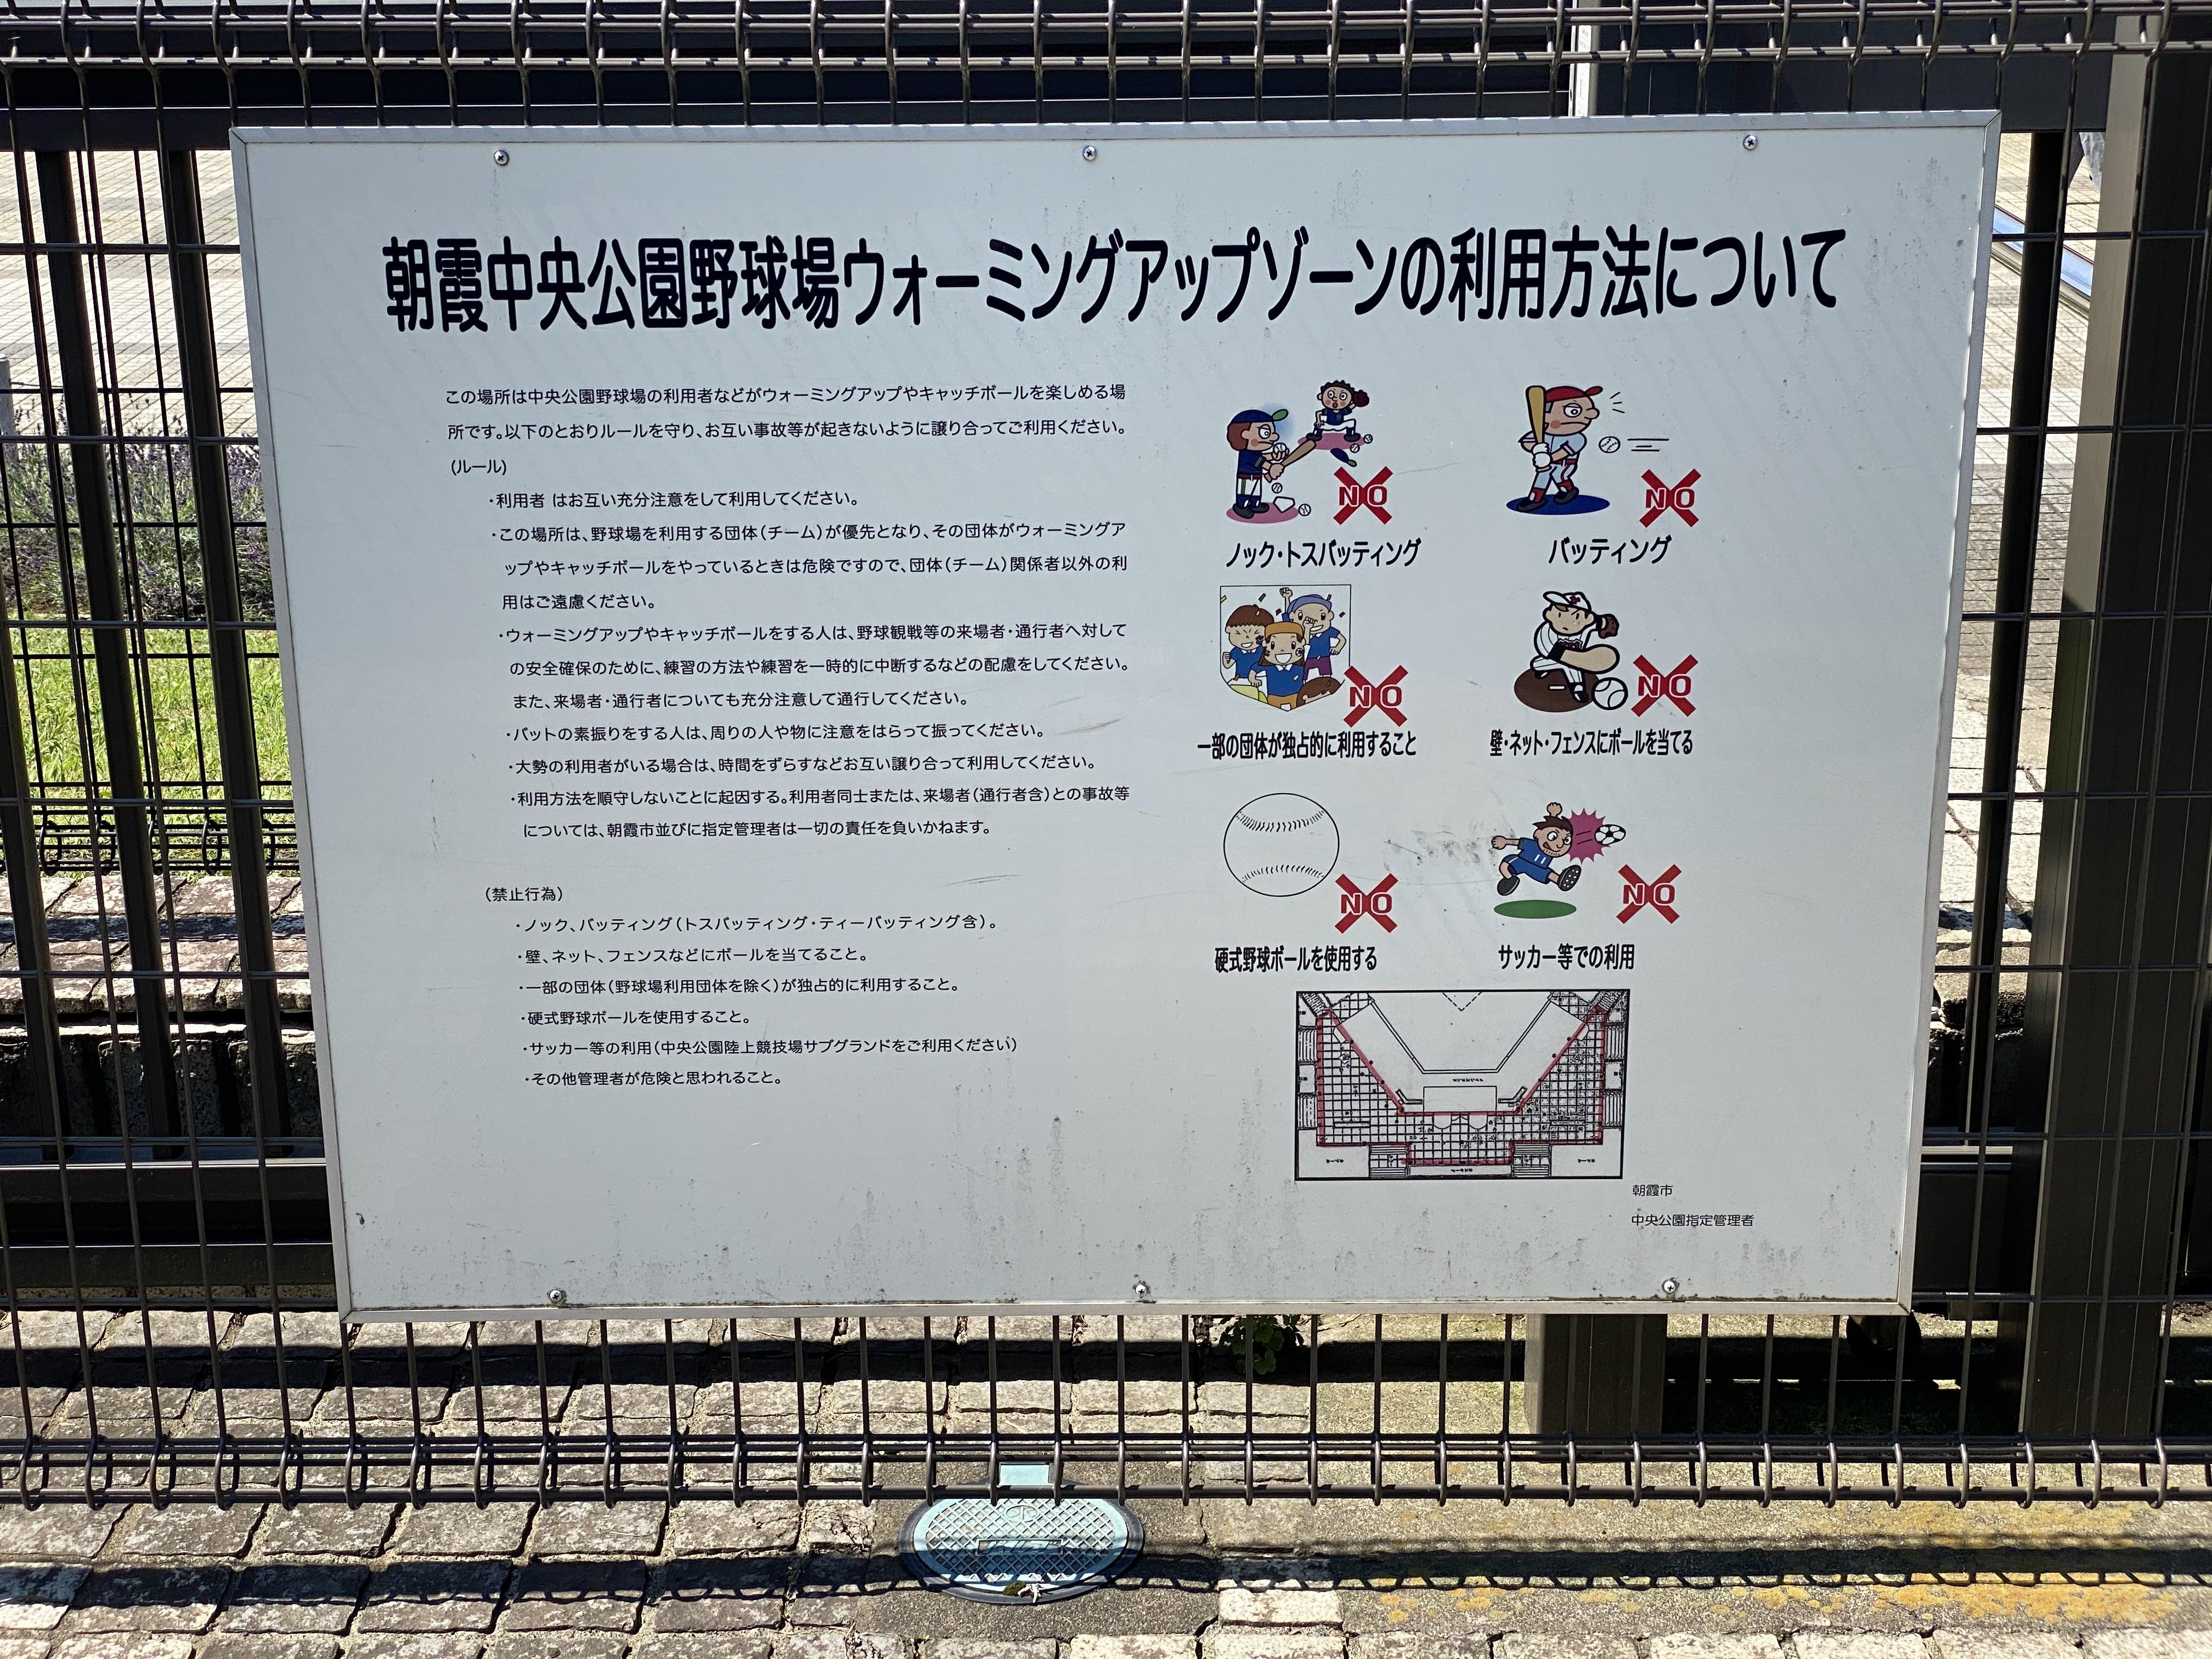 朝霞中央公園野球場ウオーミングアップゾーンの利用方法について